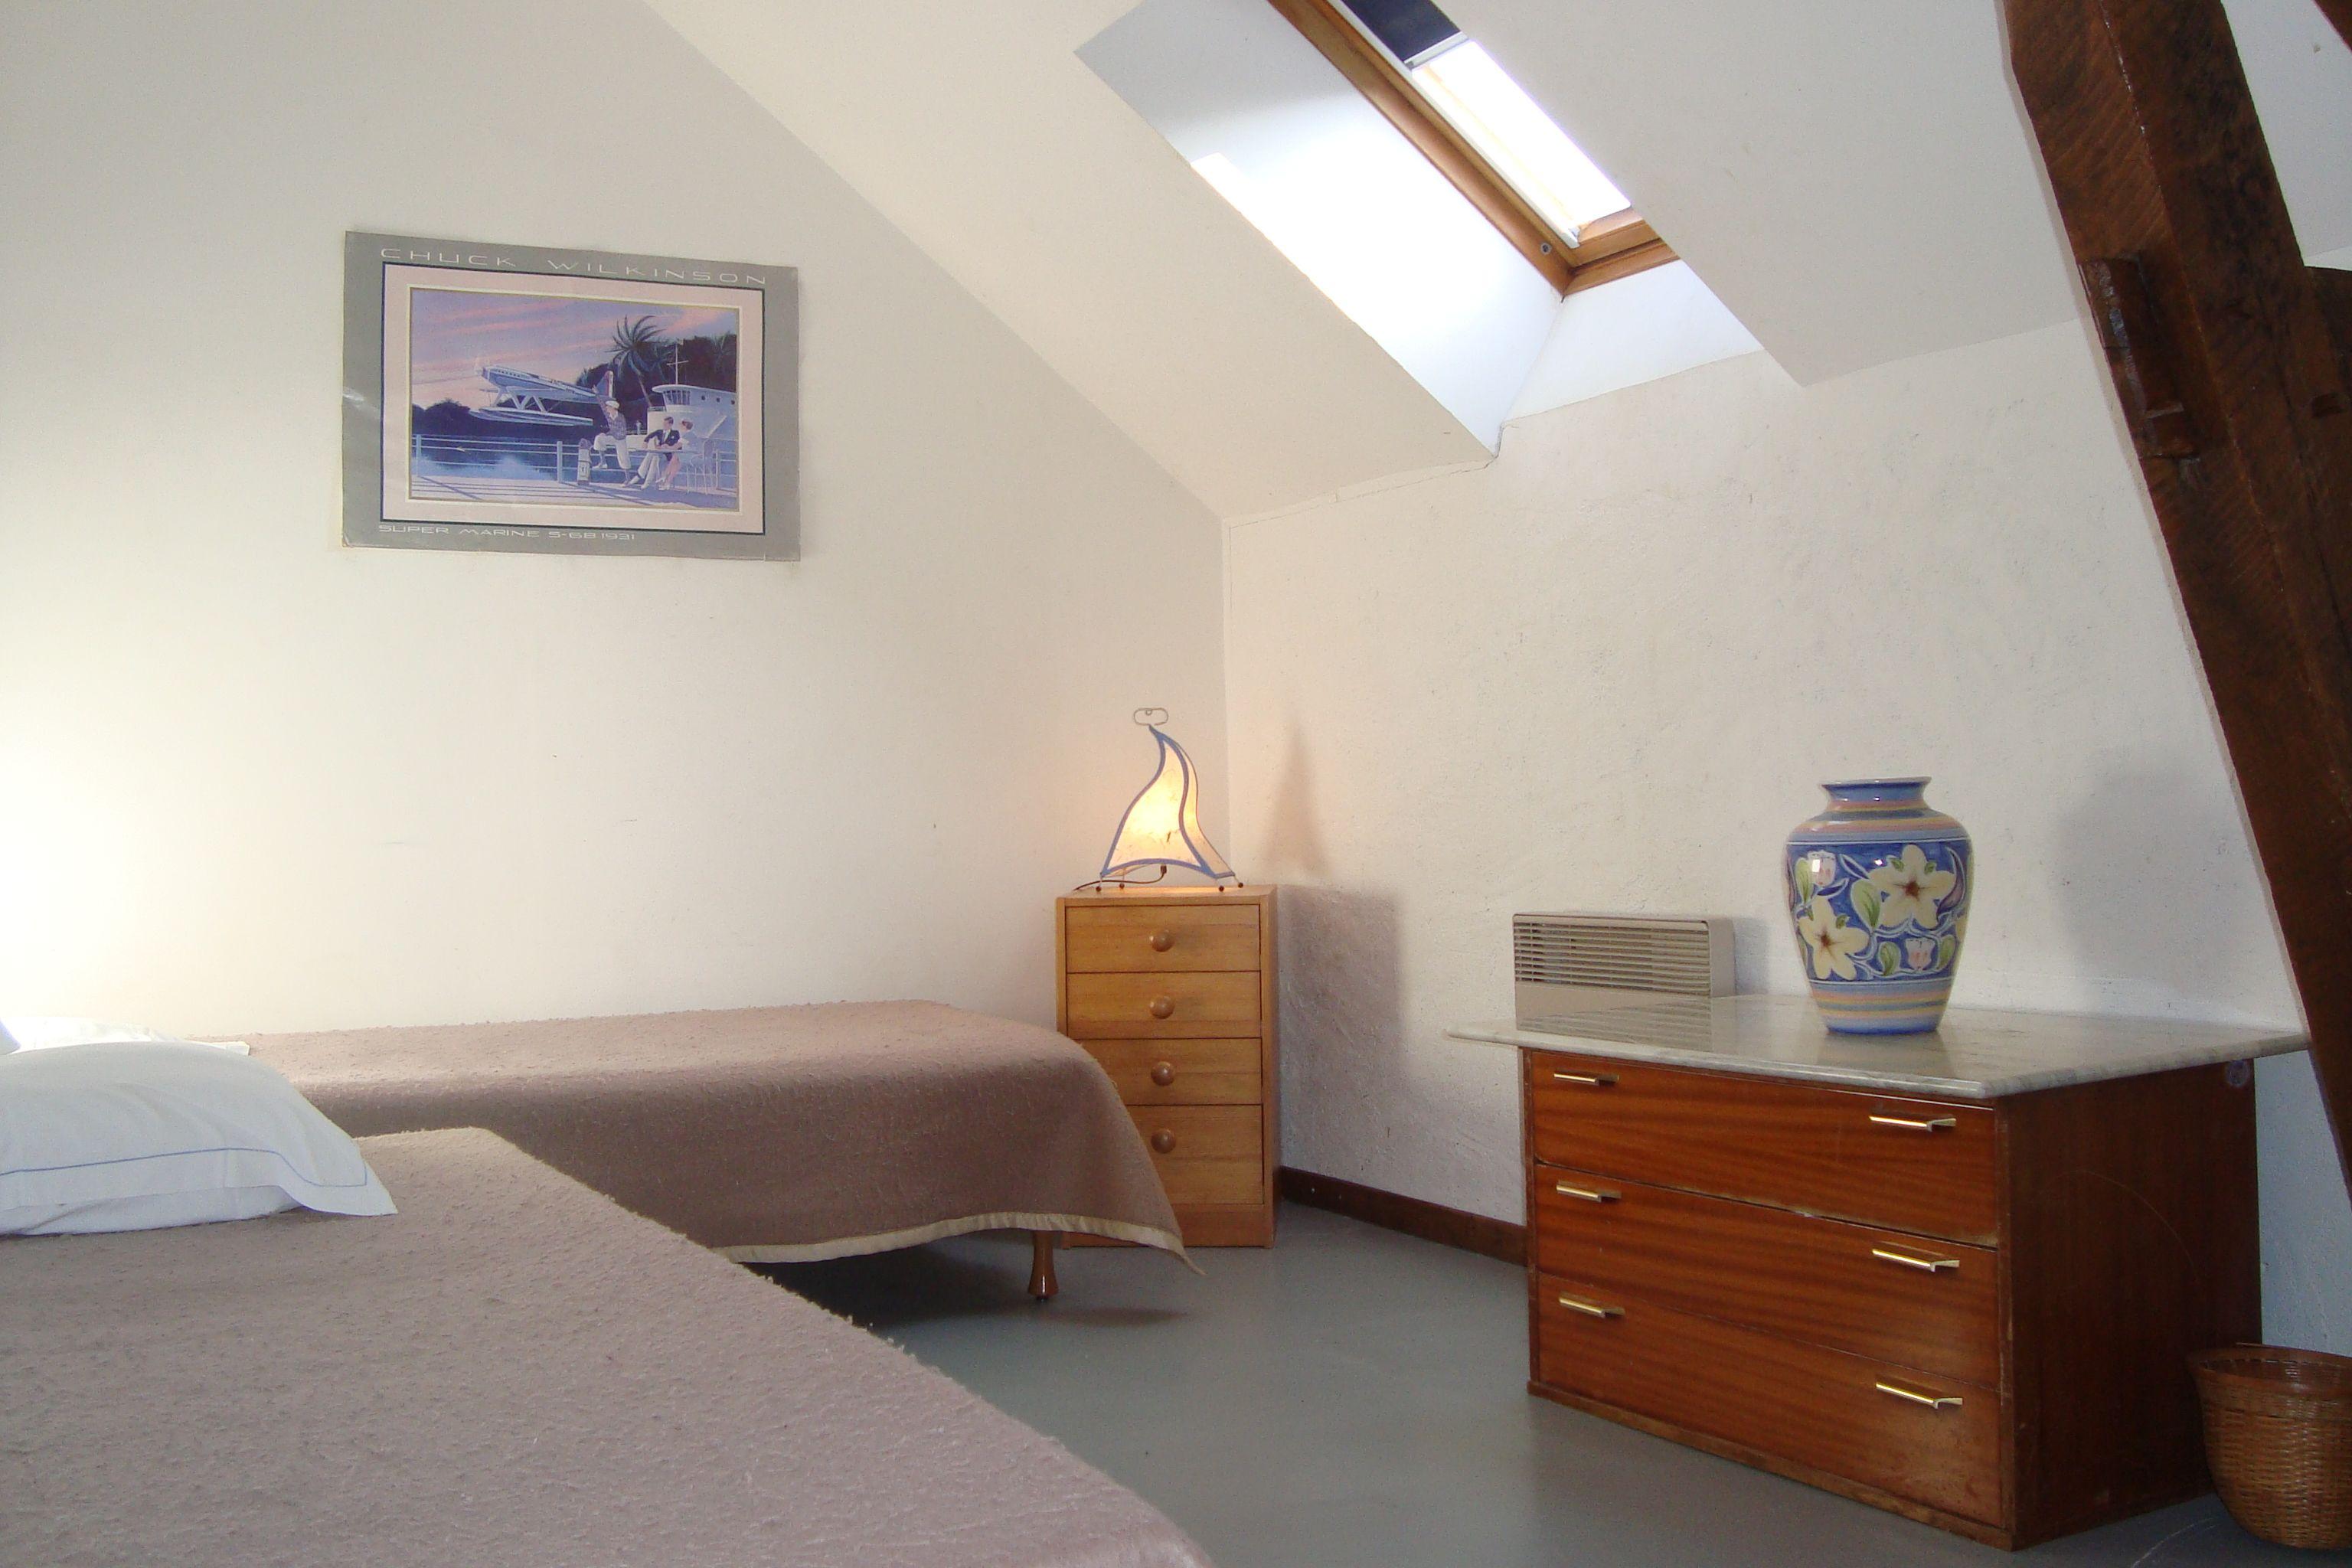 Chambre Hercule, familiale de 3 lits, un velux et une commode, porte-manteaux sur la porte